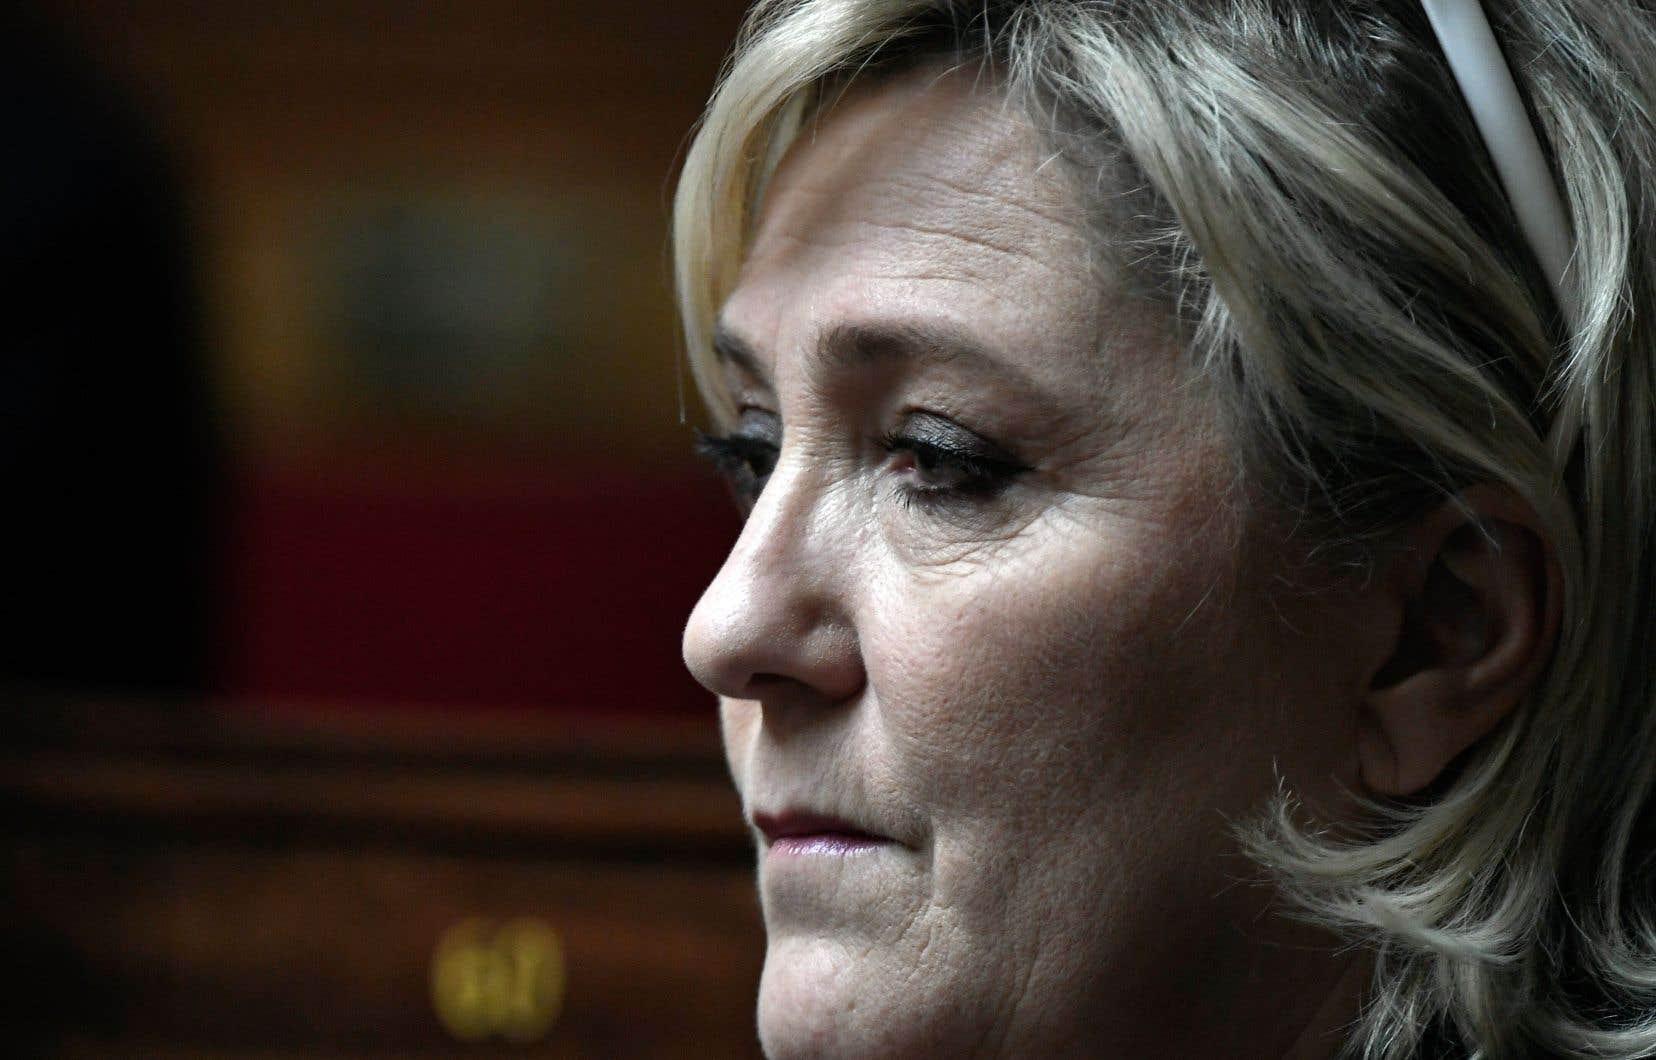 Mise en examen, Marine Le Pen risque la prison